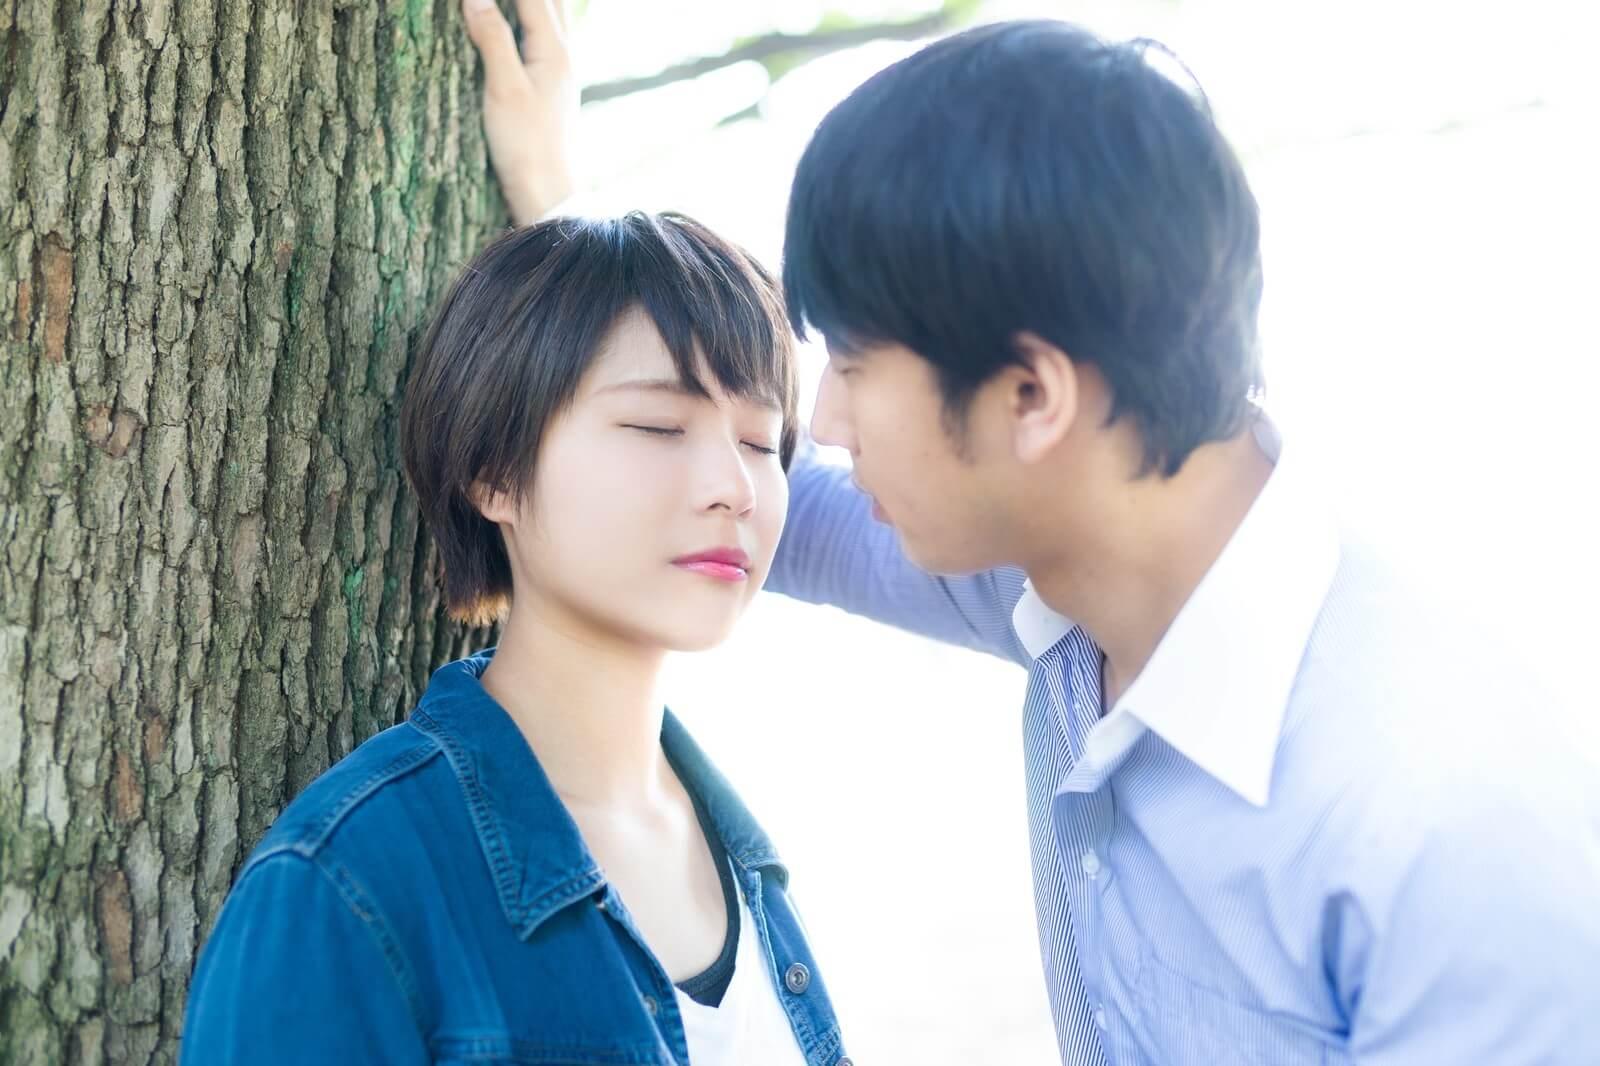 木の下でキスをしようとする男女